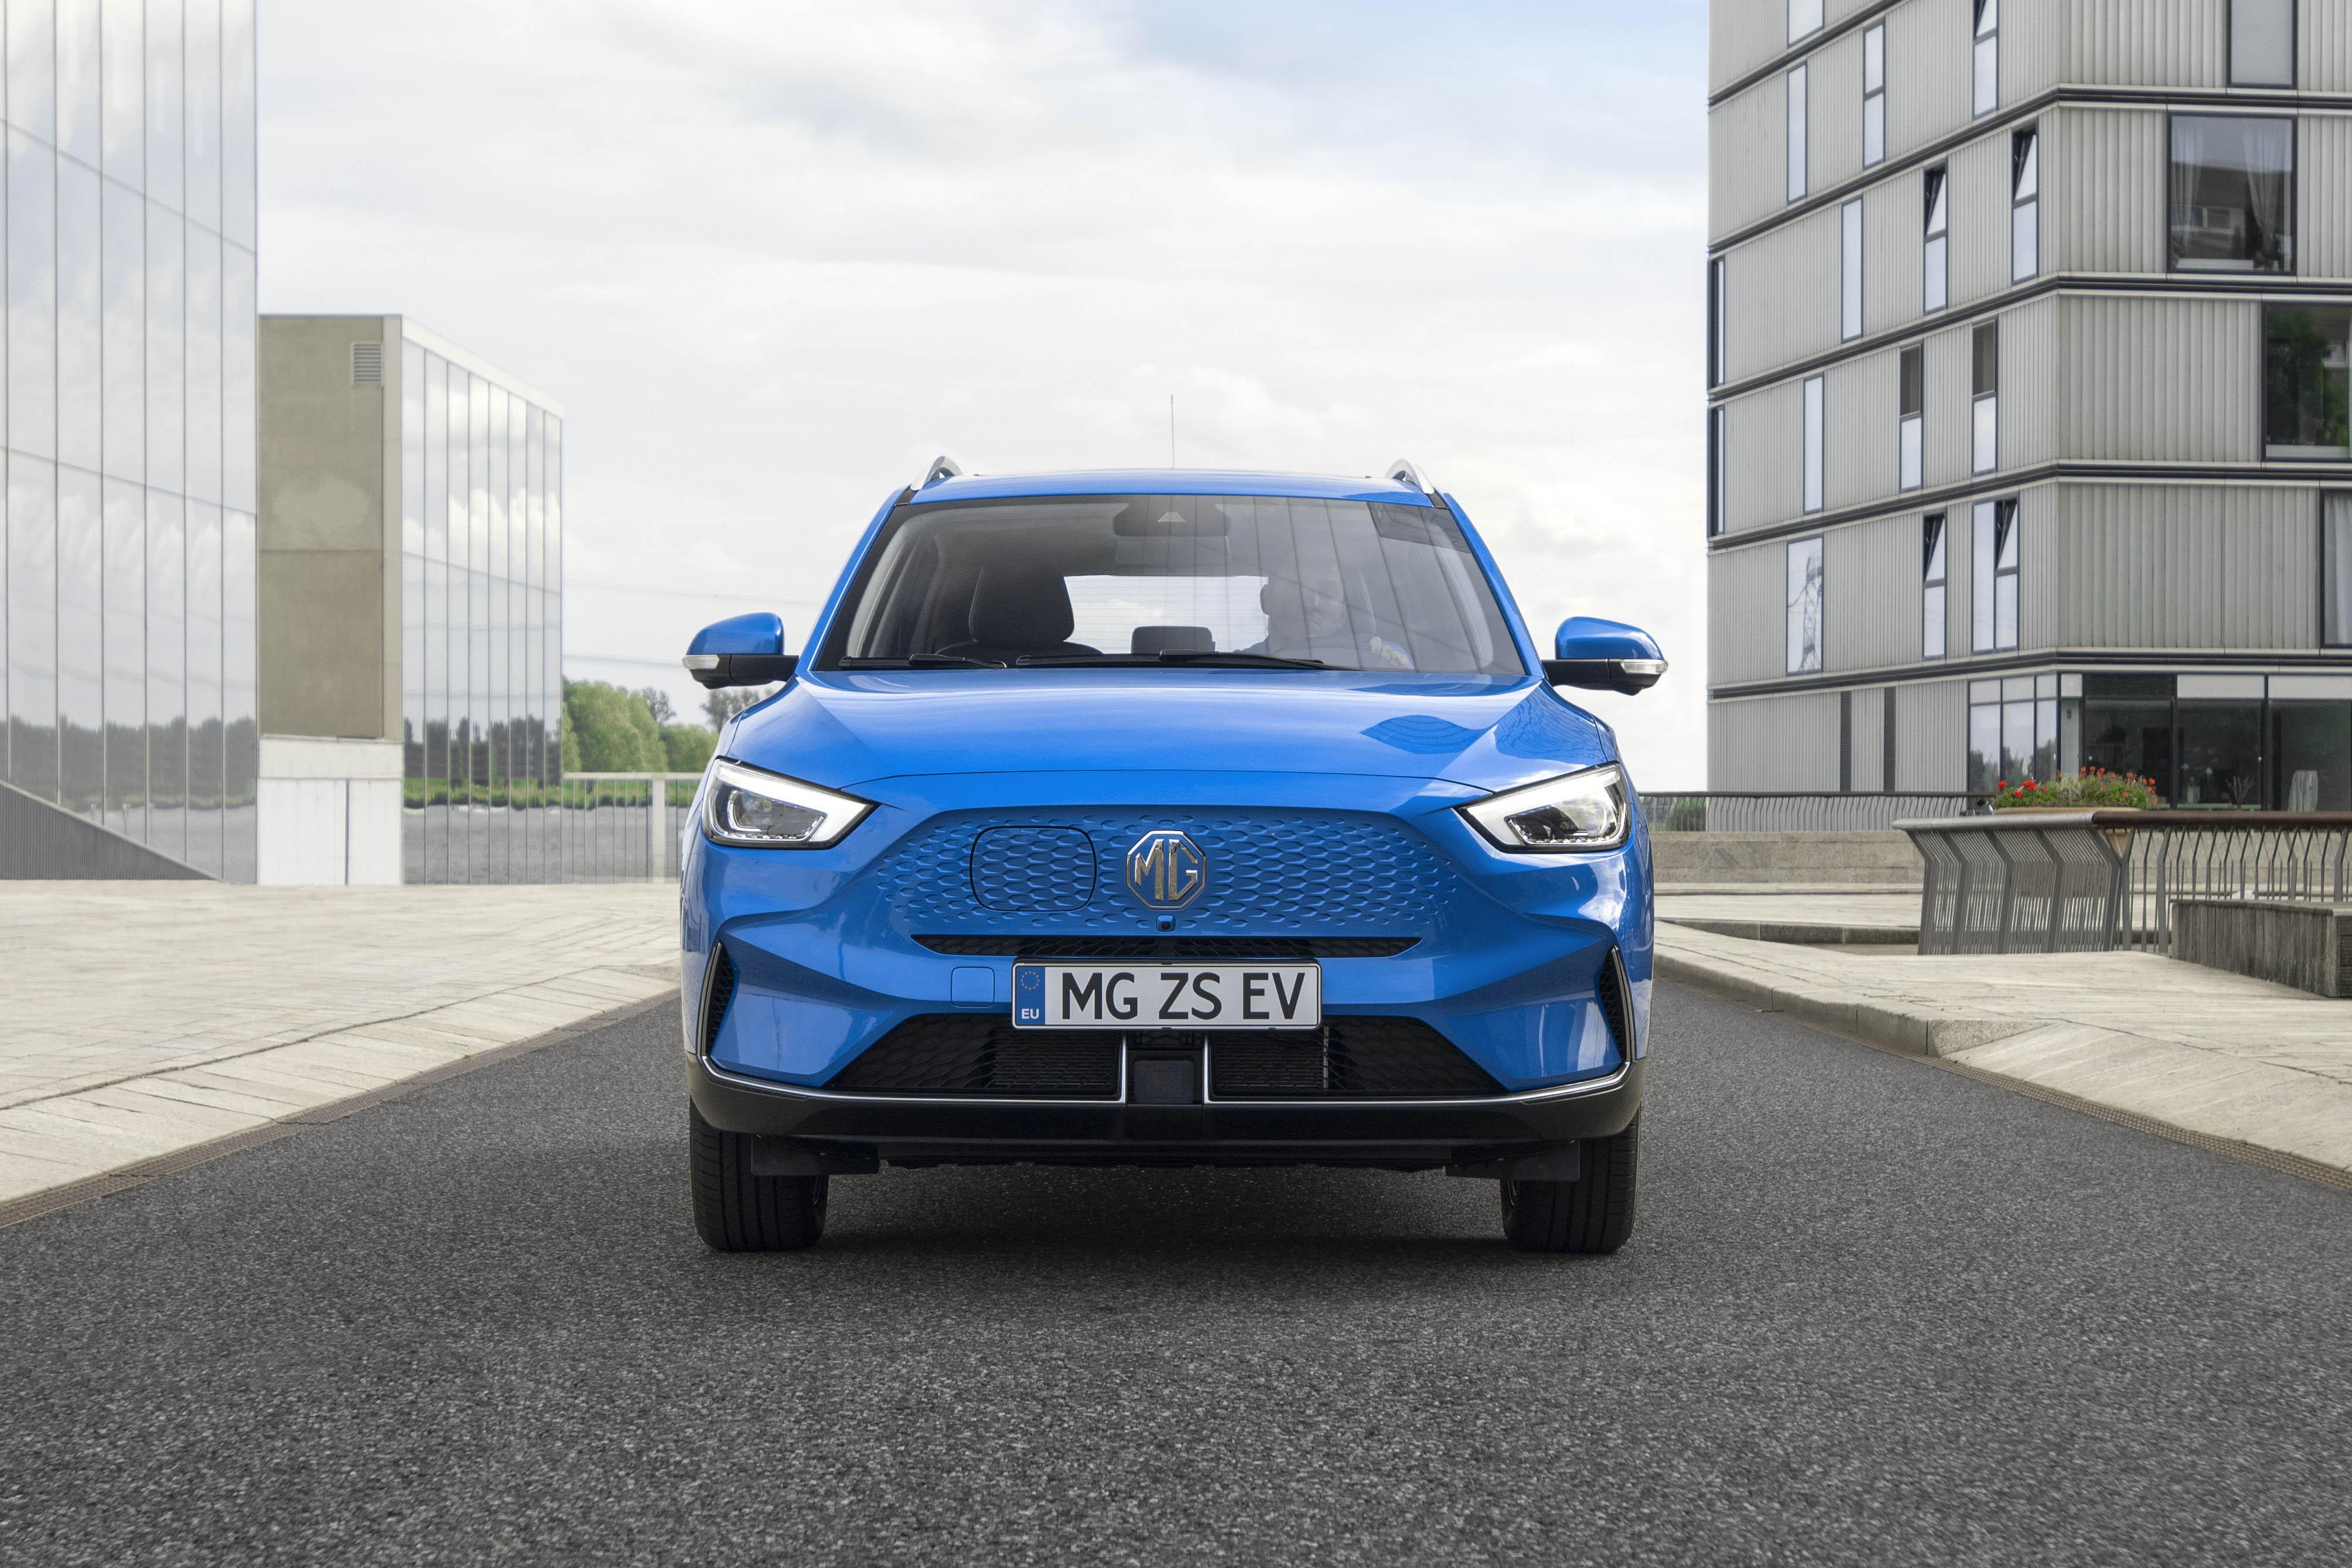 Yeni MG ZS EV tanıtıldı: Yenilenen tasarım ve daha uzun menzil